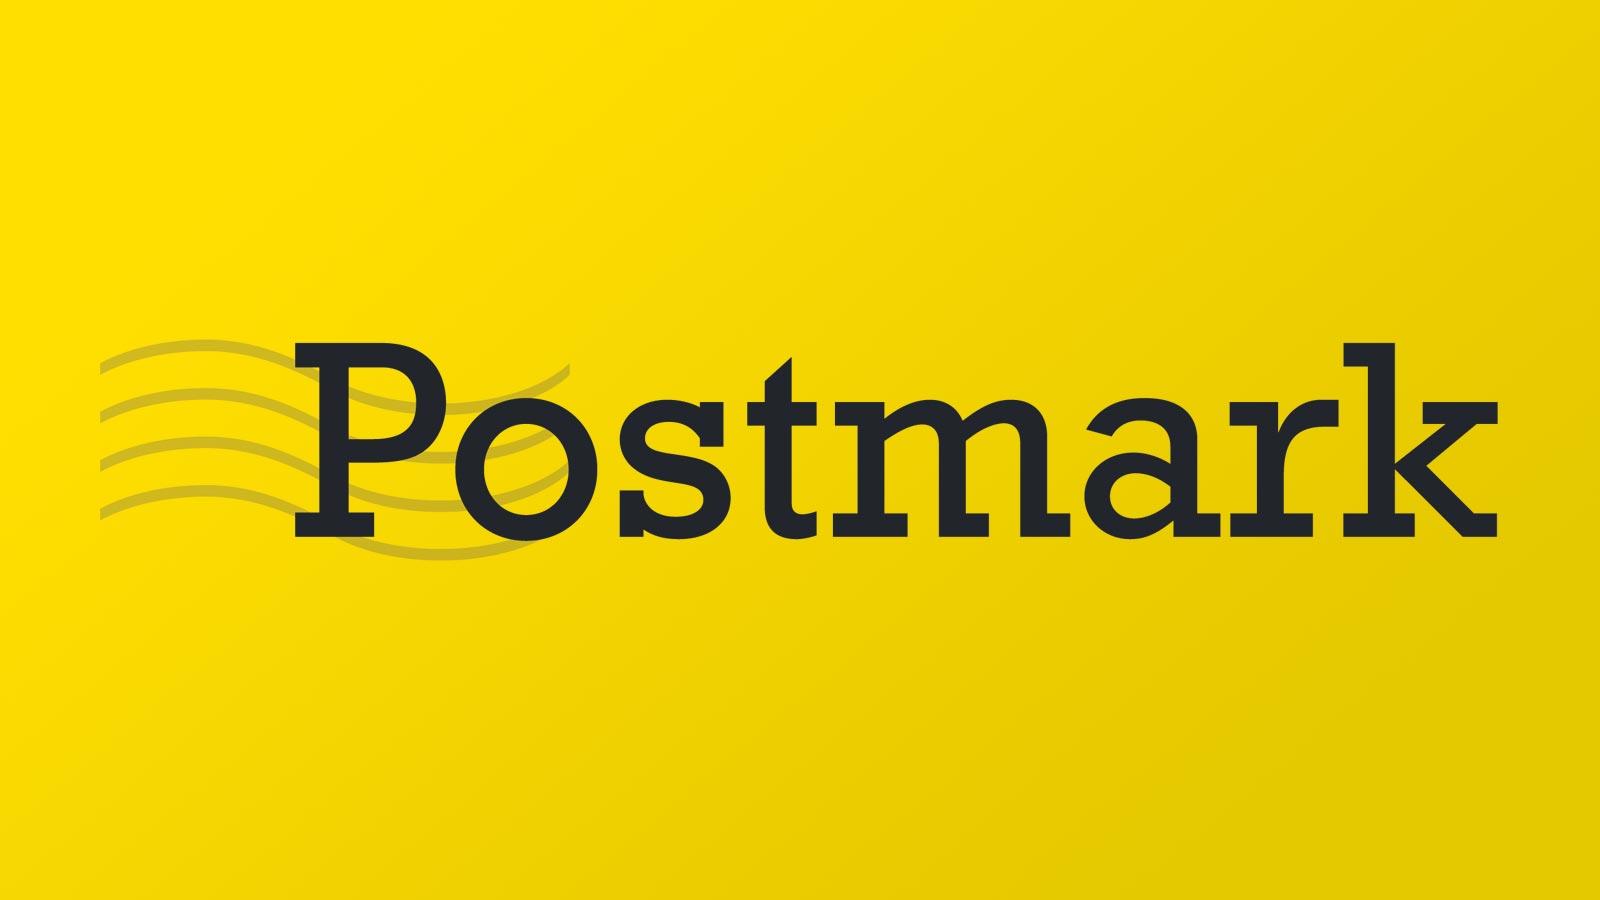 PostmarkApp Logo